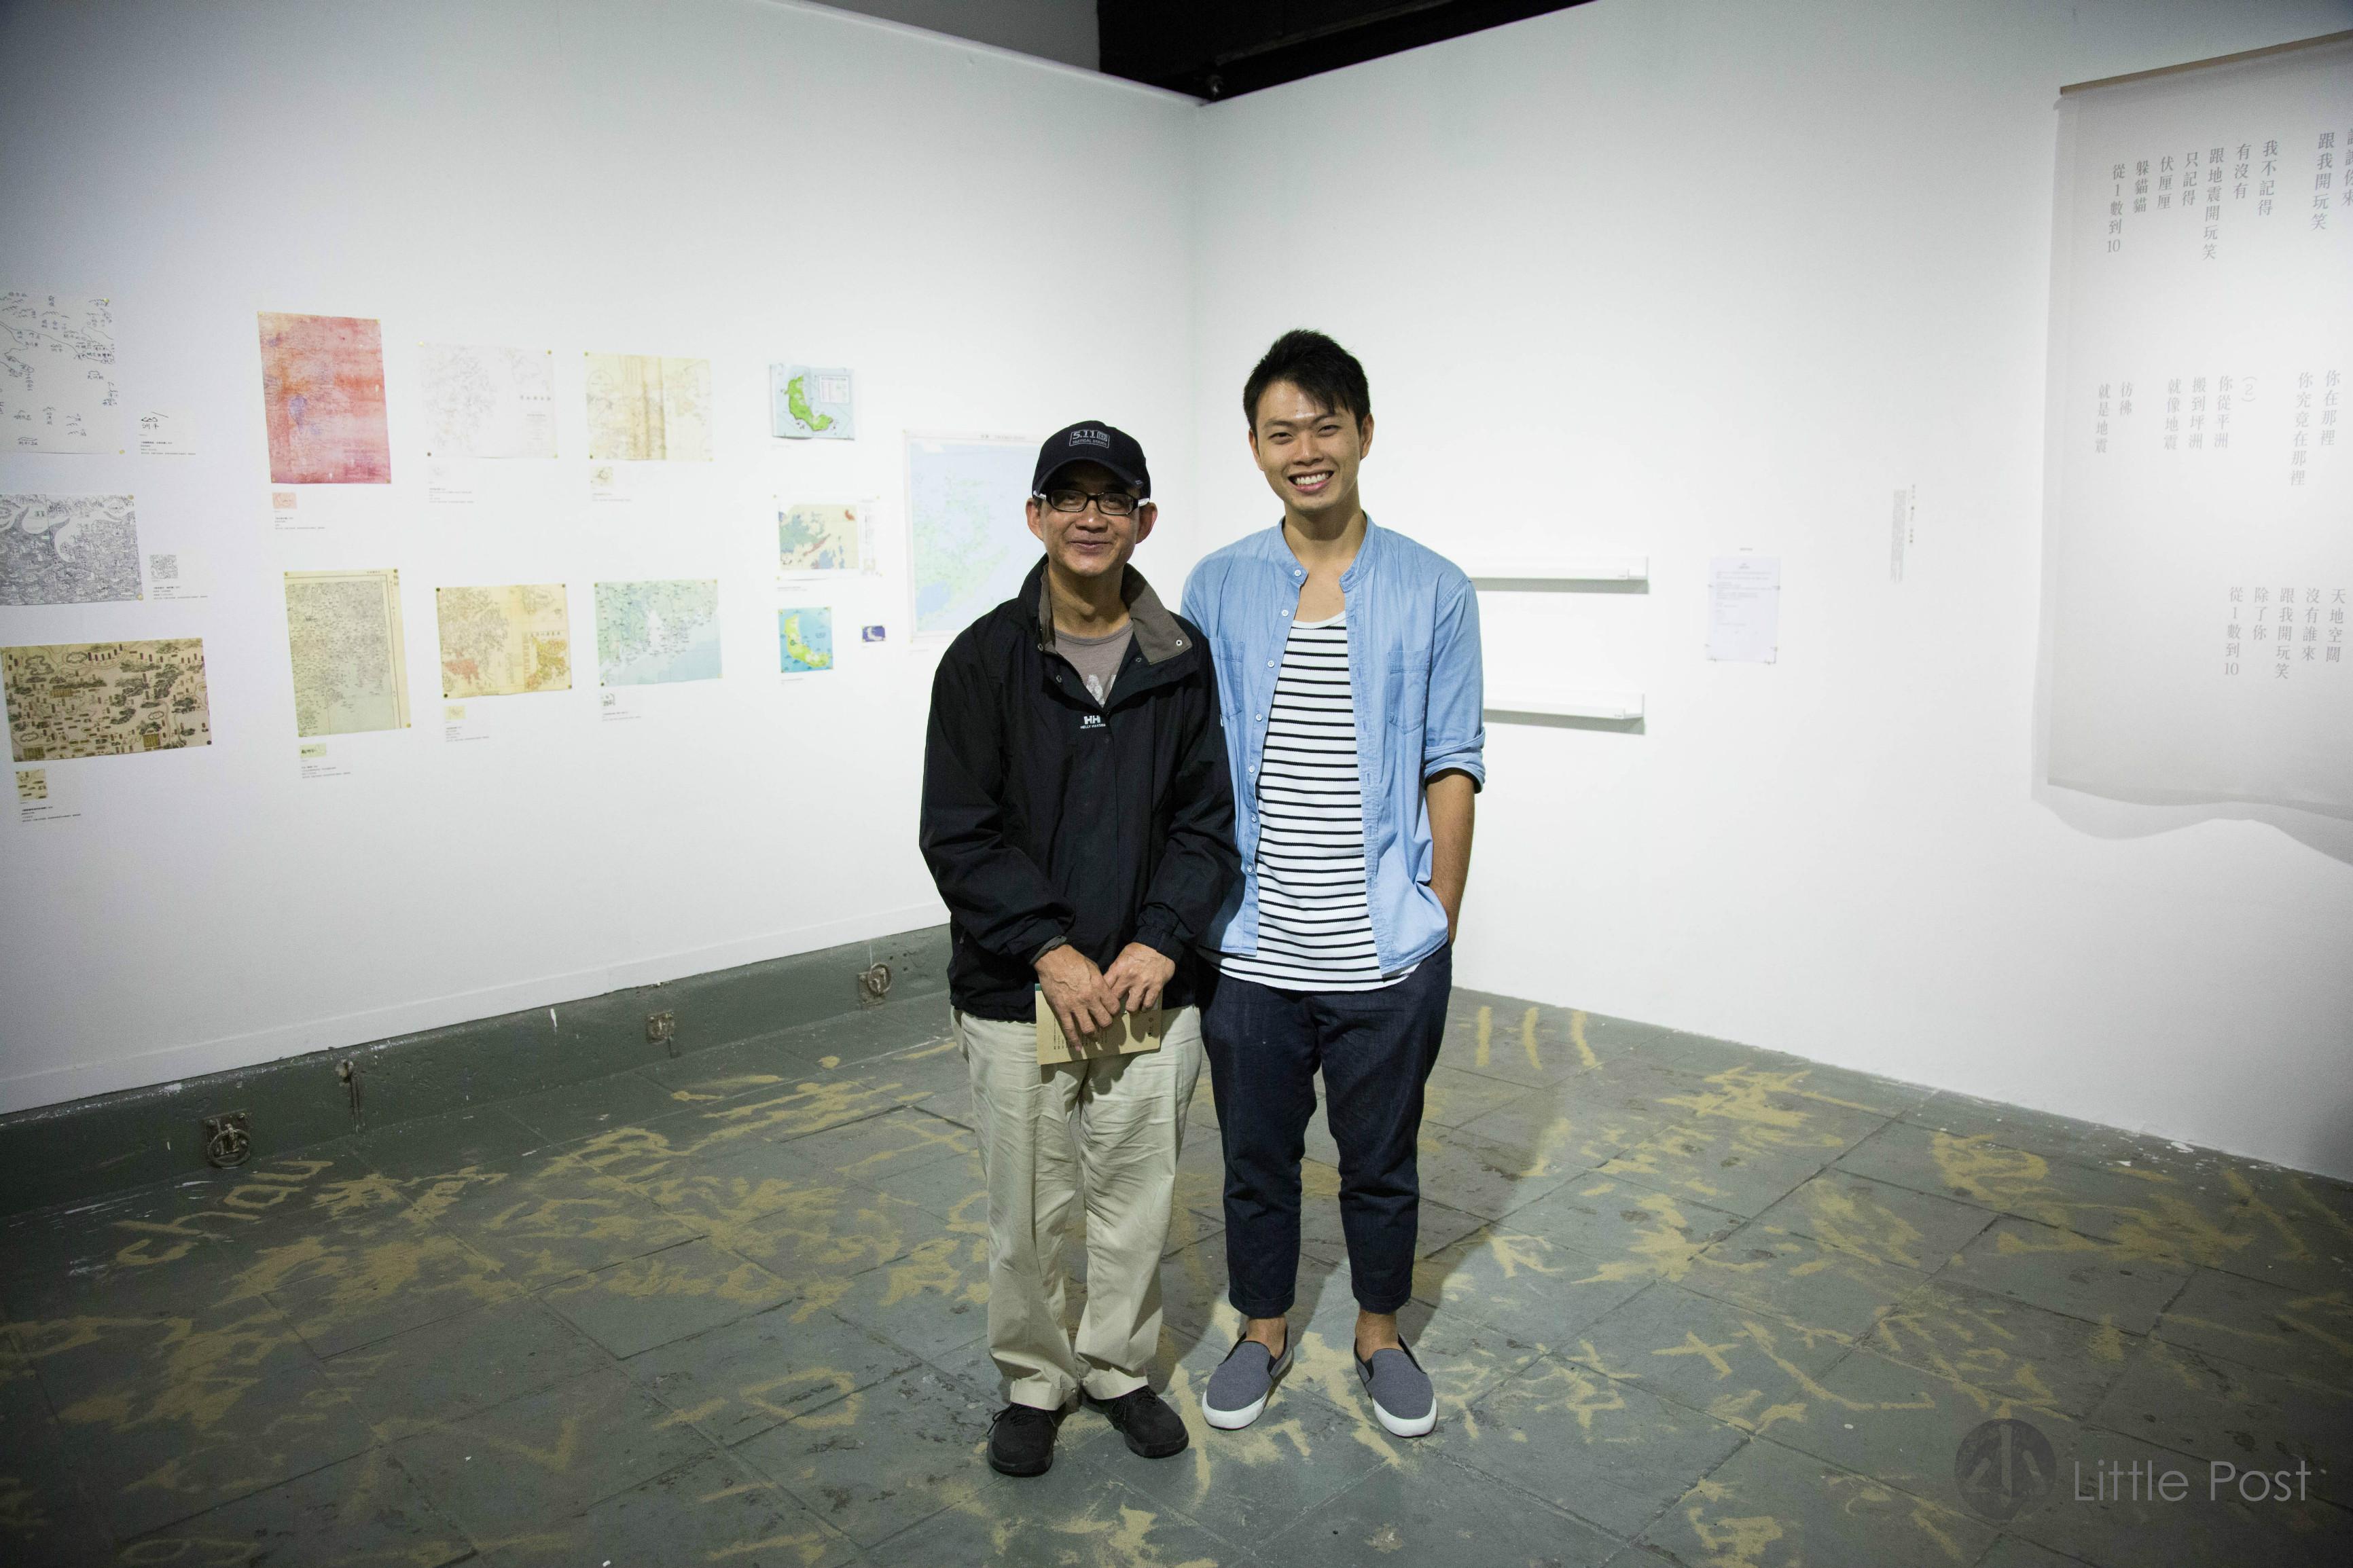 飲江與郝立仁去過東平洲以後,有了身後的創作,也邀請觀眾一起參與。